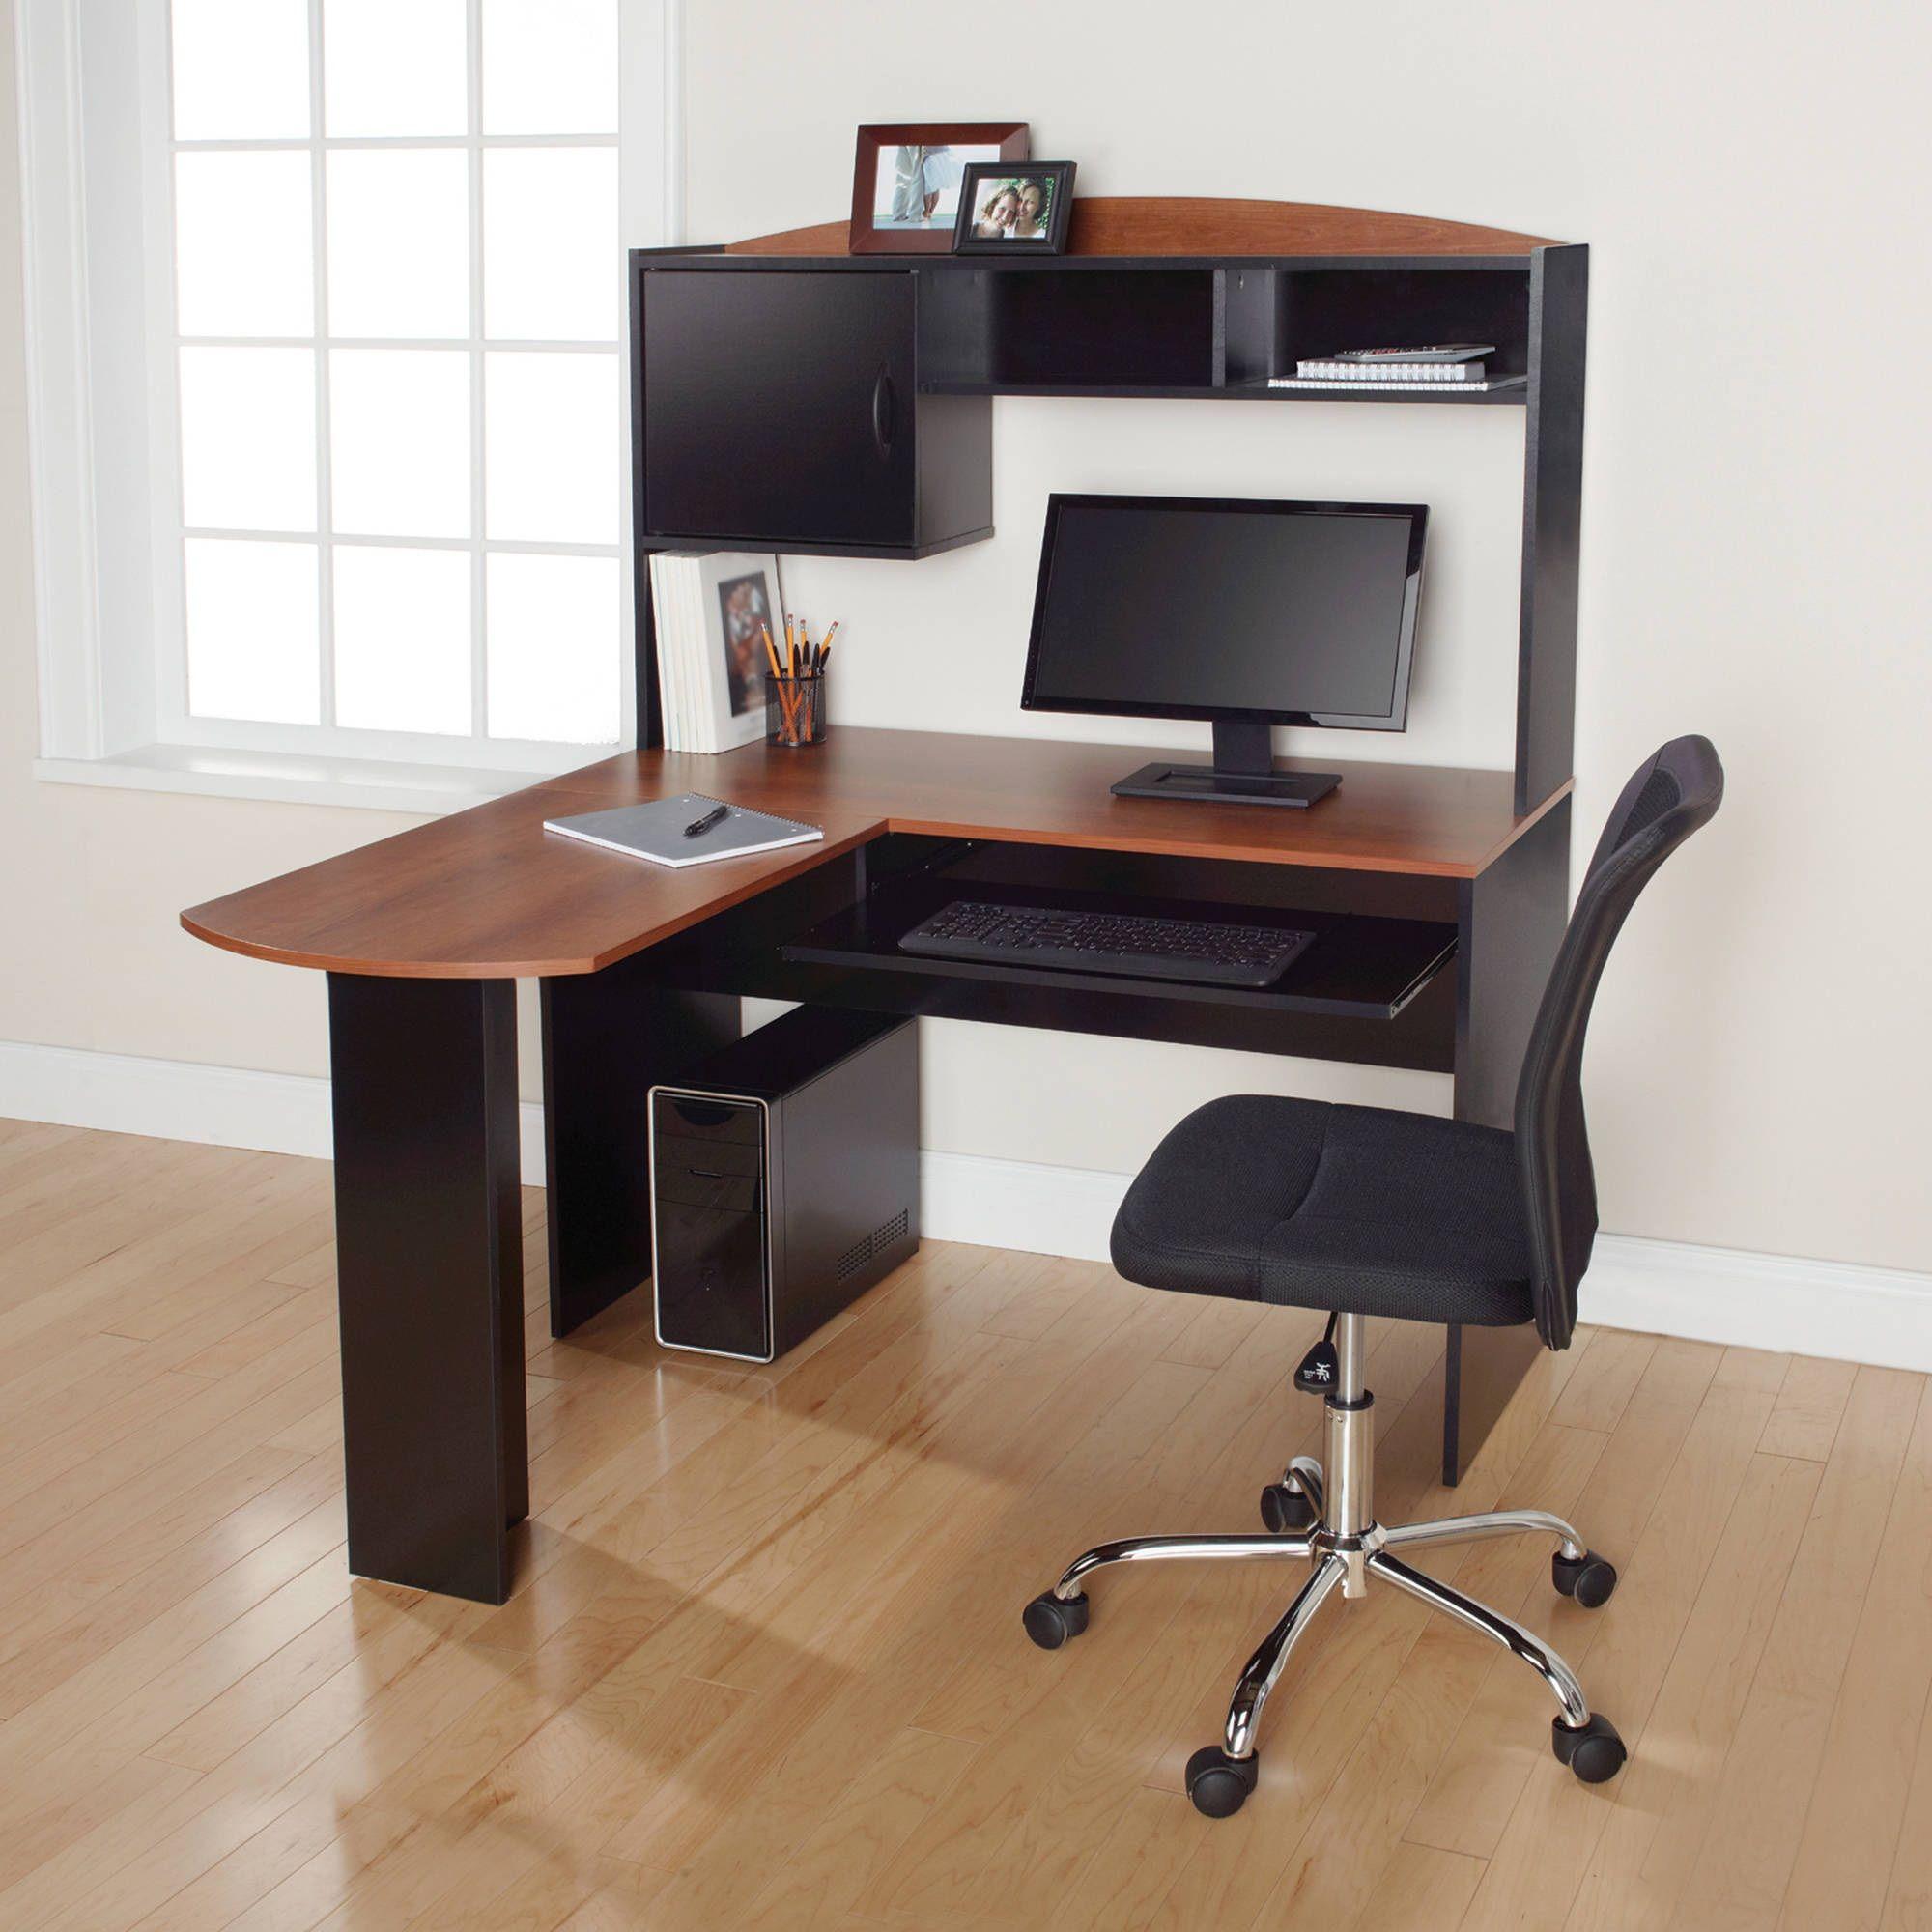 17 Diy Corner Desk Ideas To Build For Your Office Corner Desk